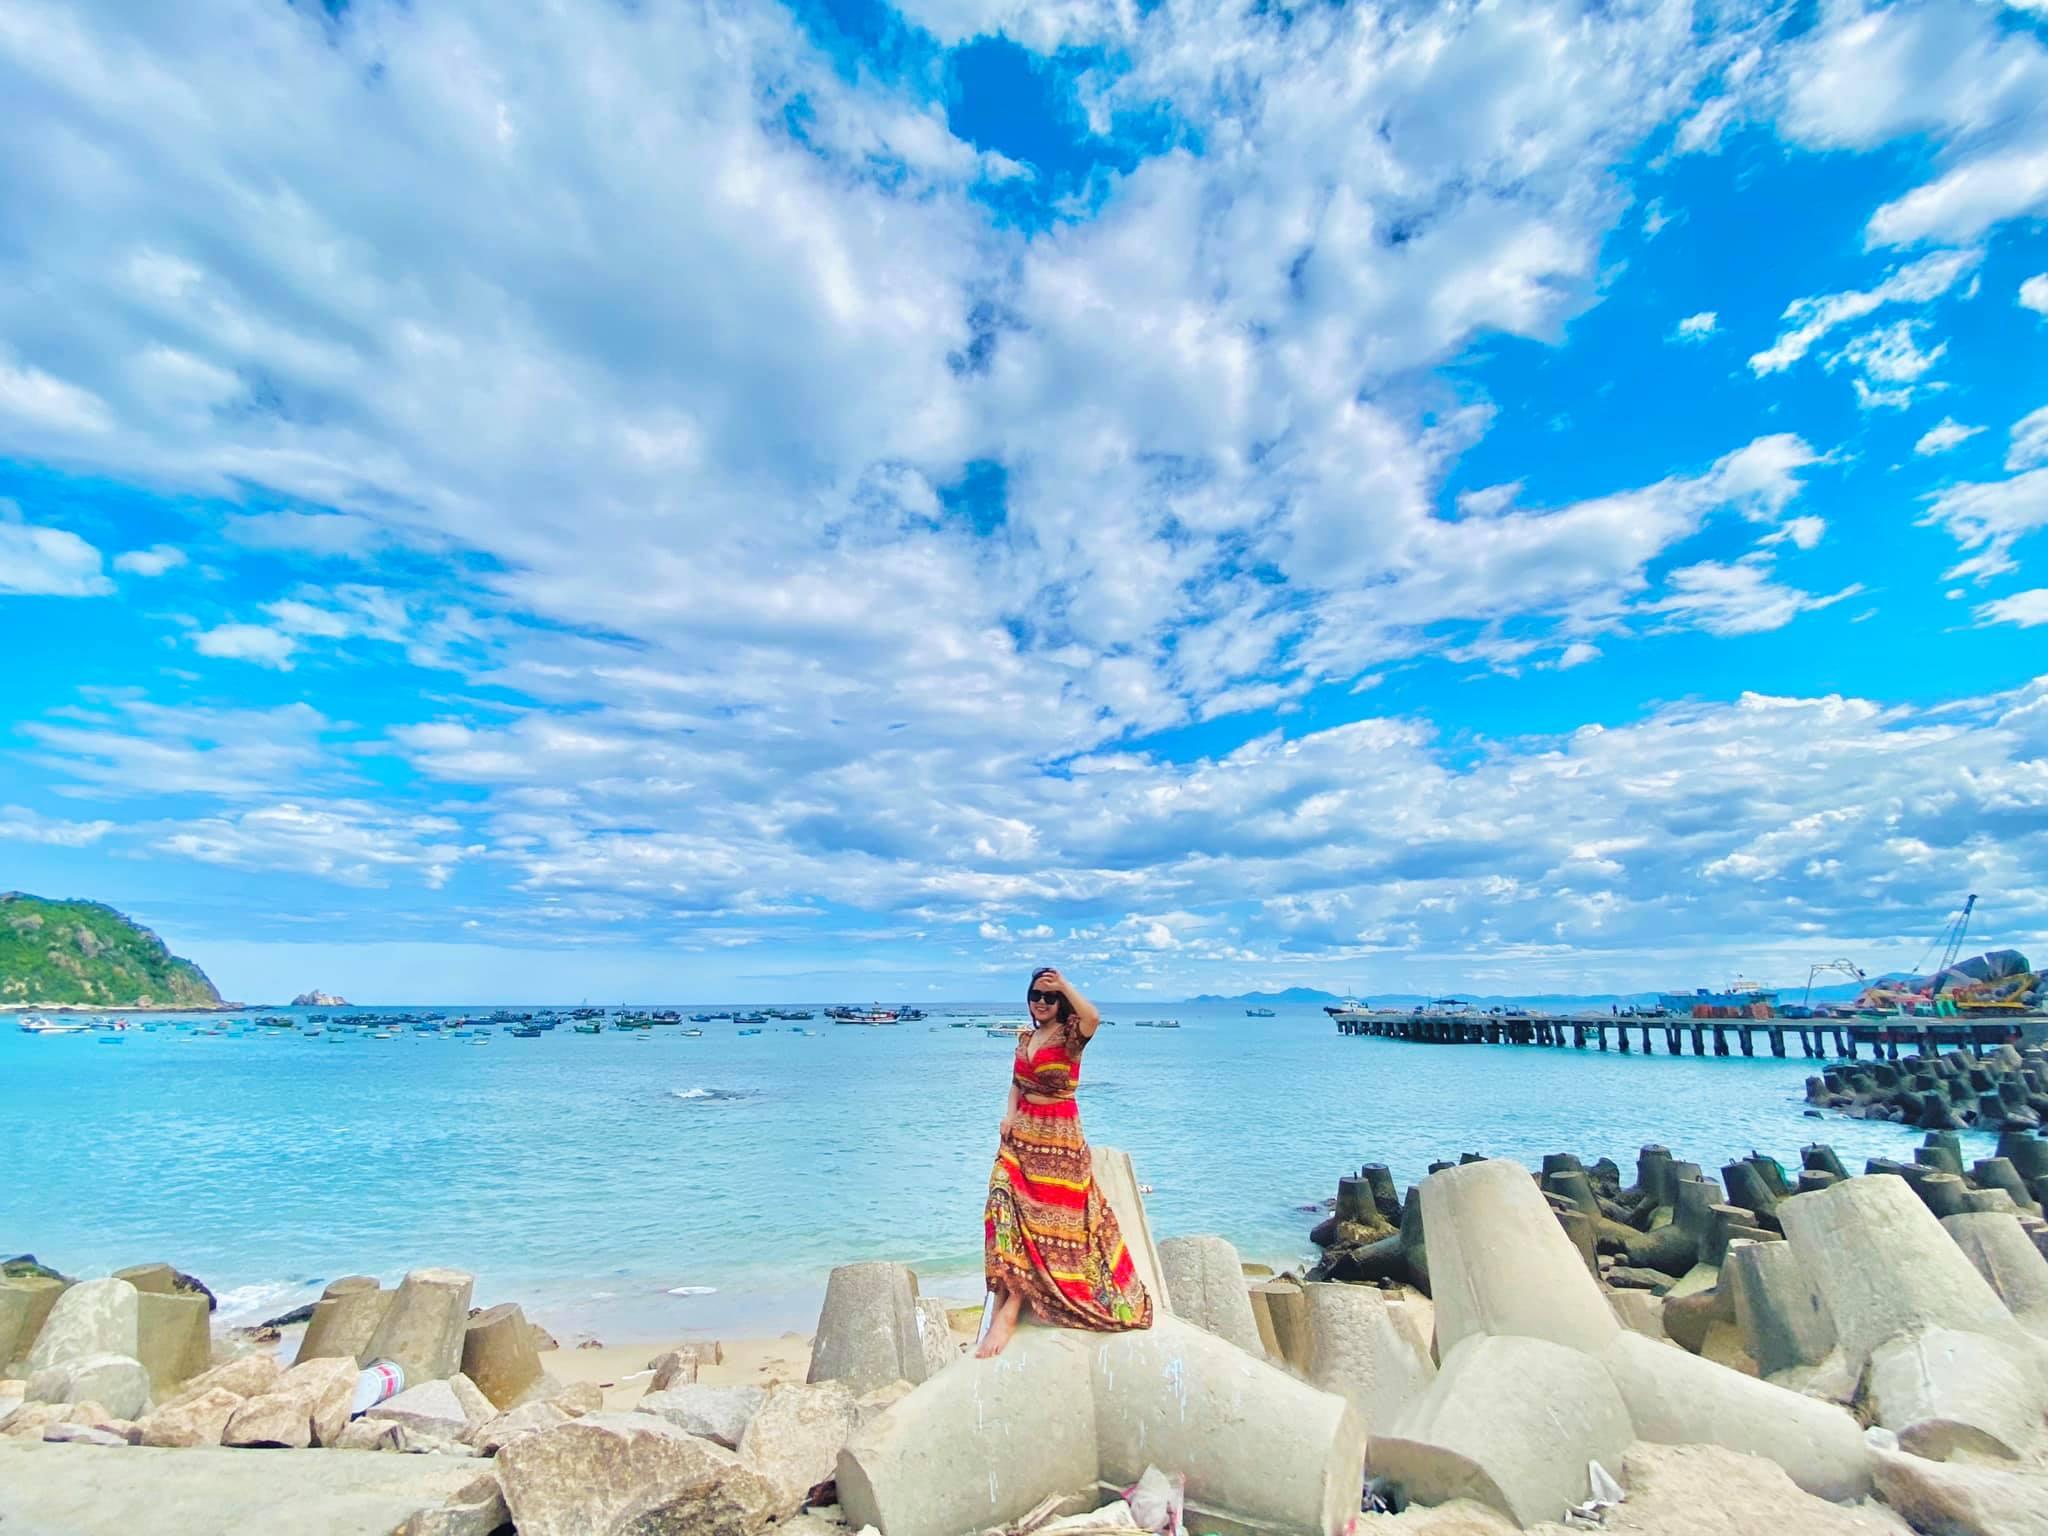 Du lịch Cù Lao Xanh Quy Nhơn - Khám phá 'đường đi nước bước' chi tiết trong mùa hè này - Ảnh 17.